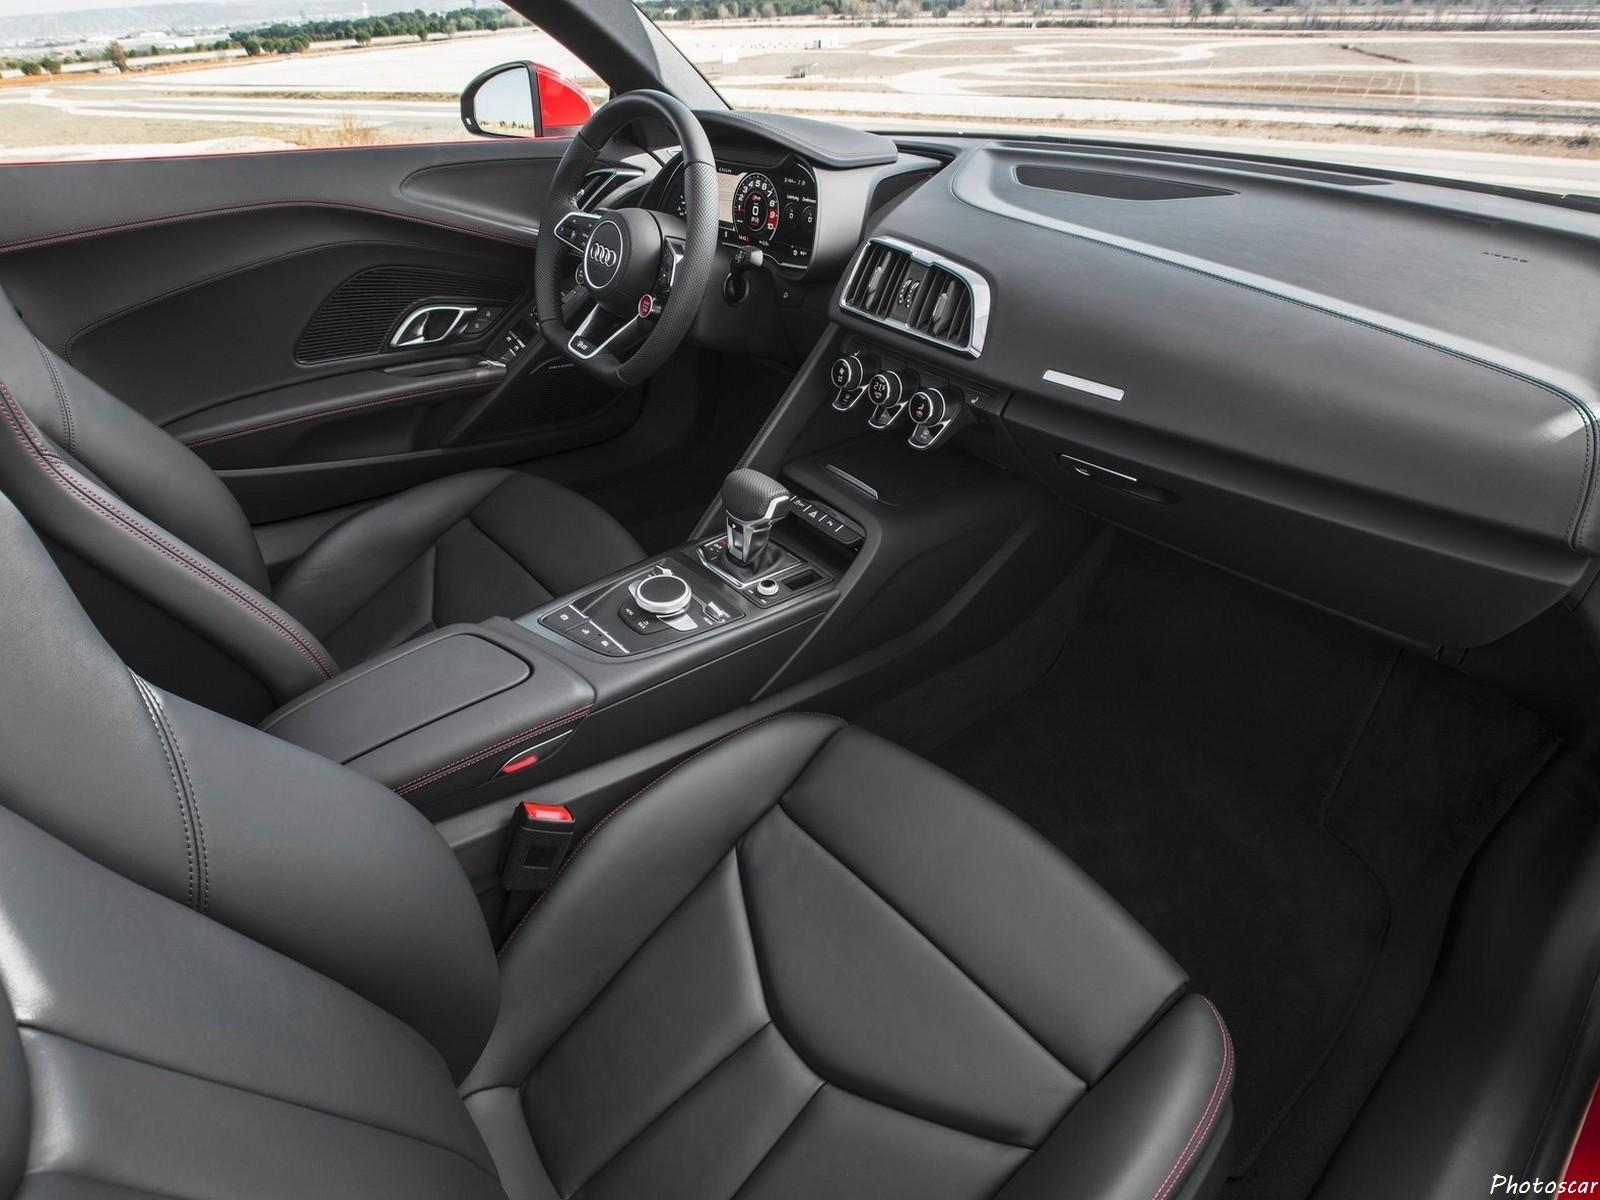 Audi_R8_Spyder V10 RWS 2018